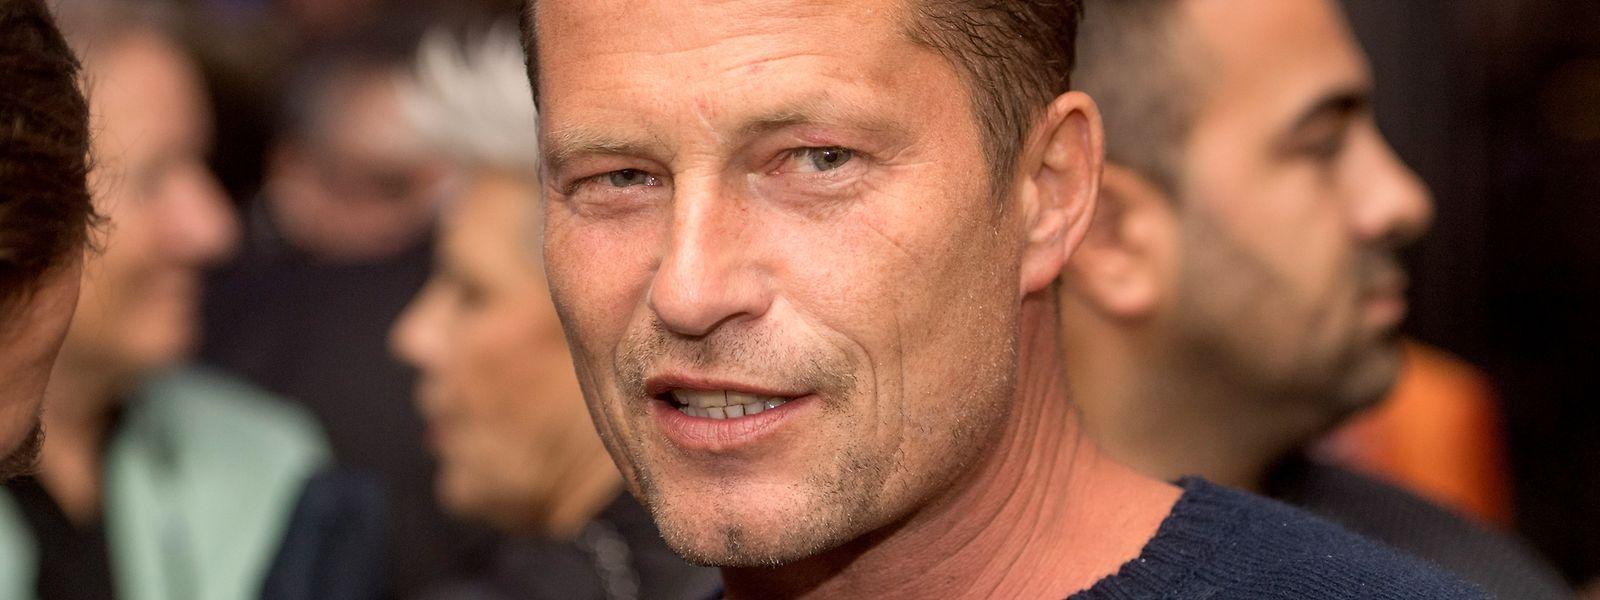 Der Regisseur und Schauspieler Til Schweiger war am Samstag in Saabrücken, um Nachwuchsschauspieler mit dem MOP-Preis auszuzeichnen.